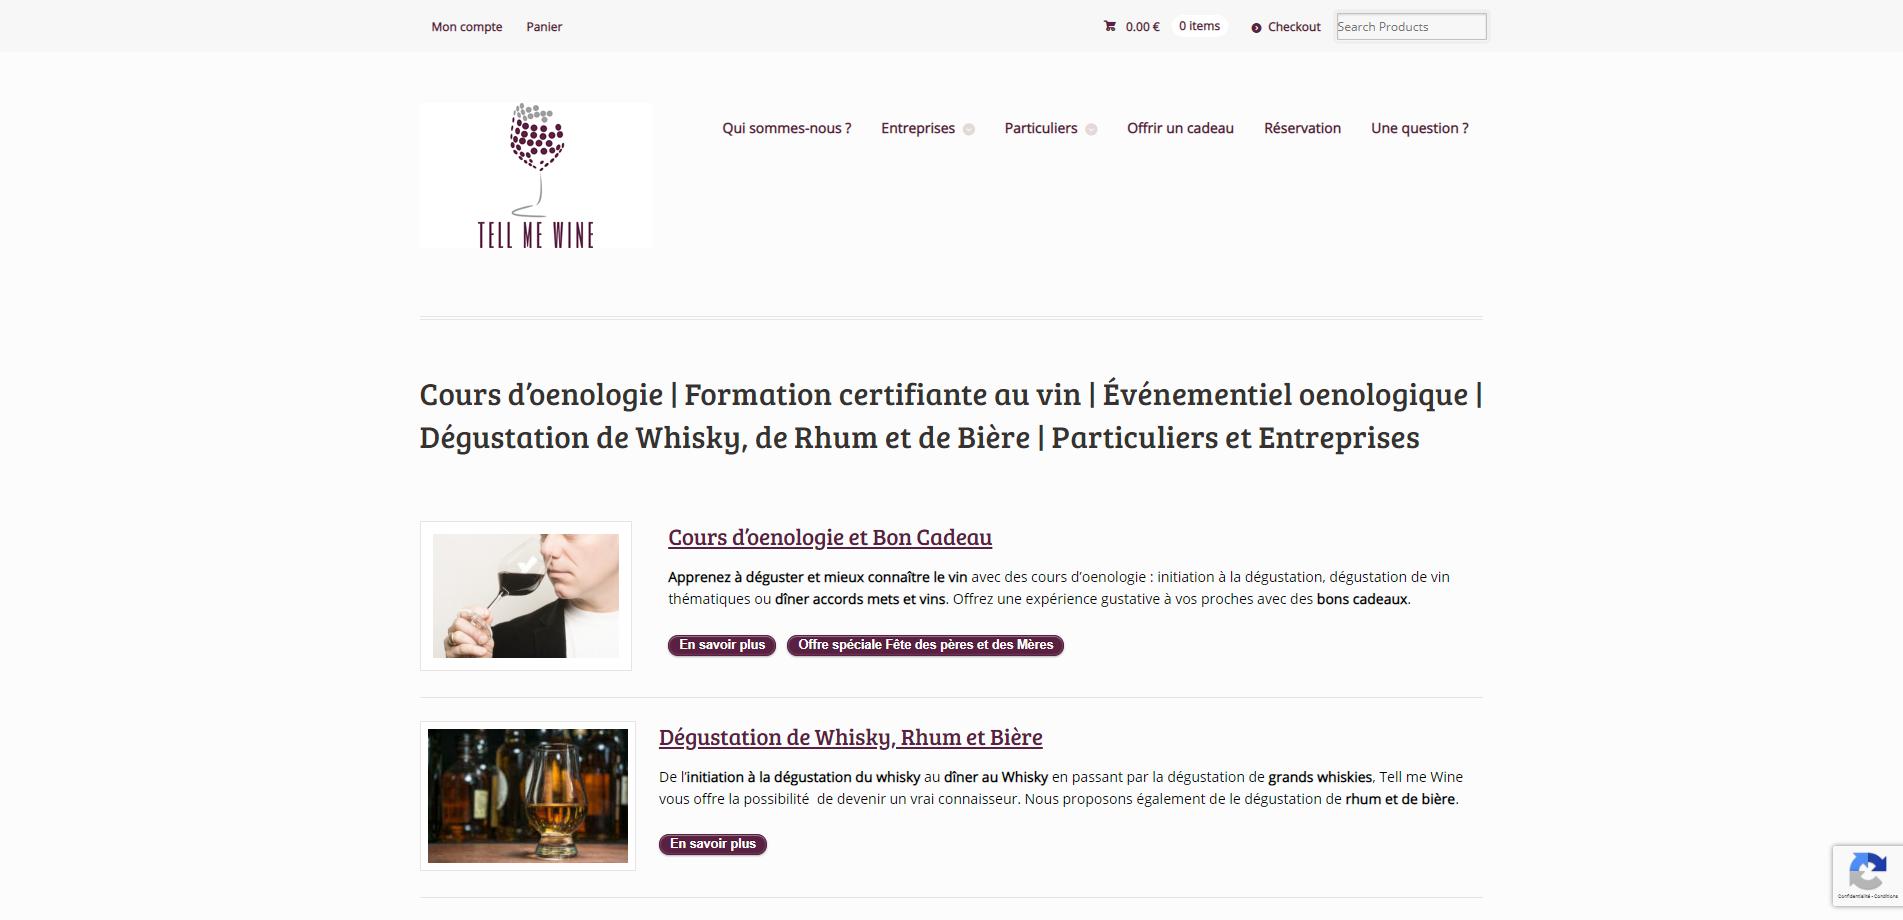 Tell_me_Wine_Cours_d'œnologie_et_dégusta